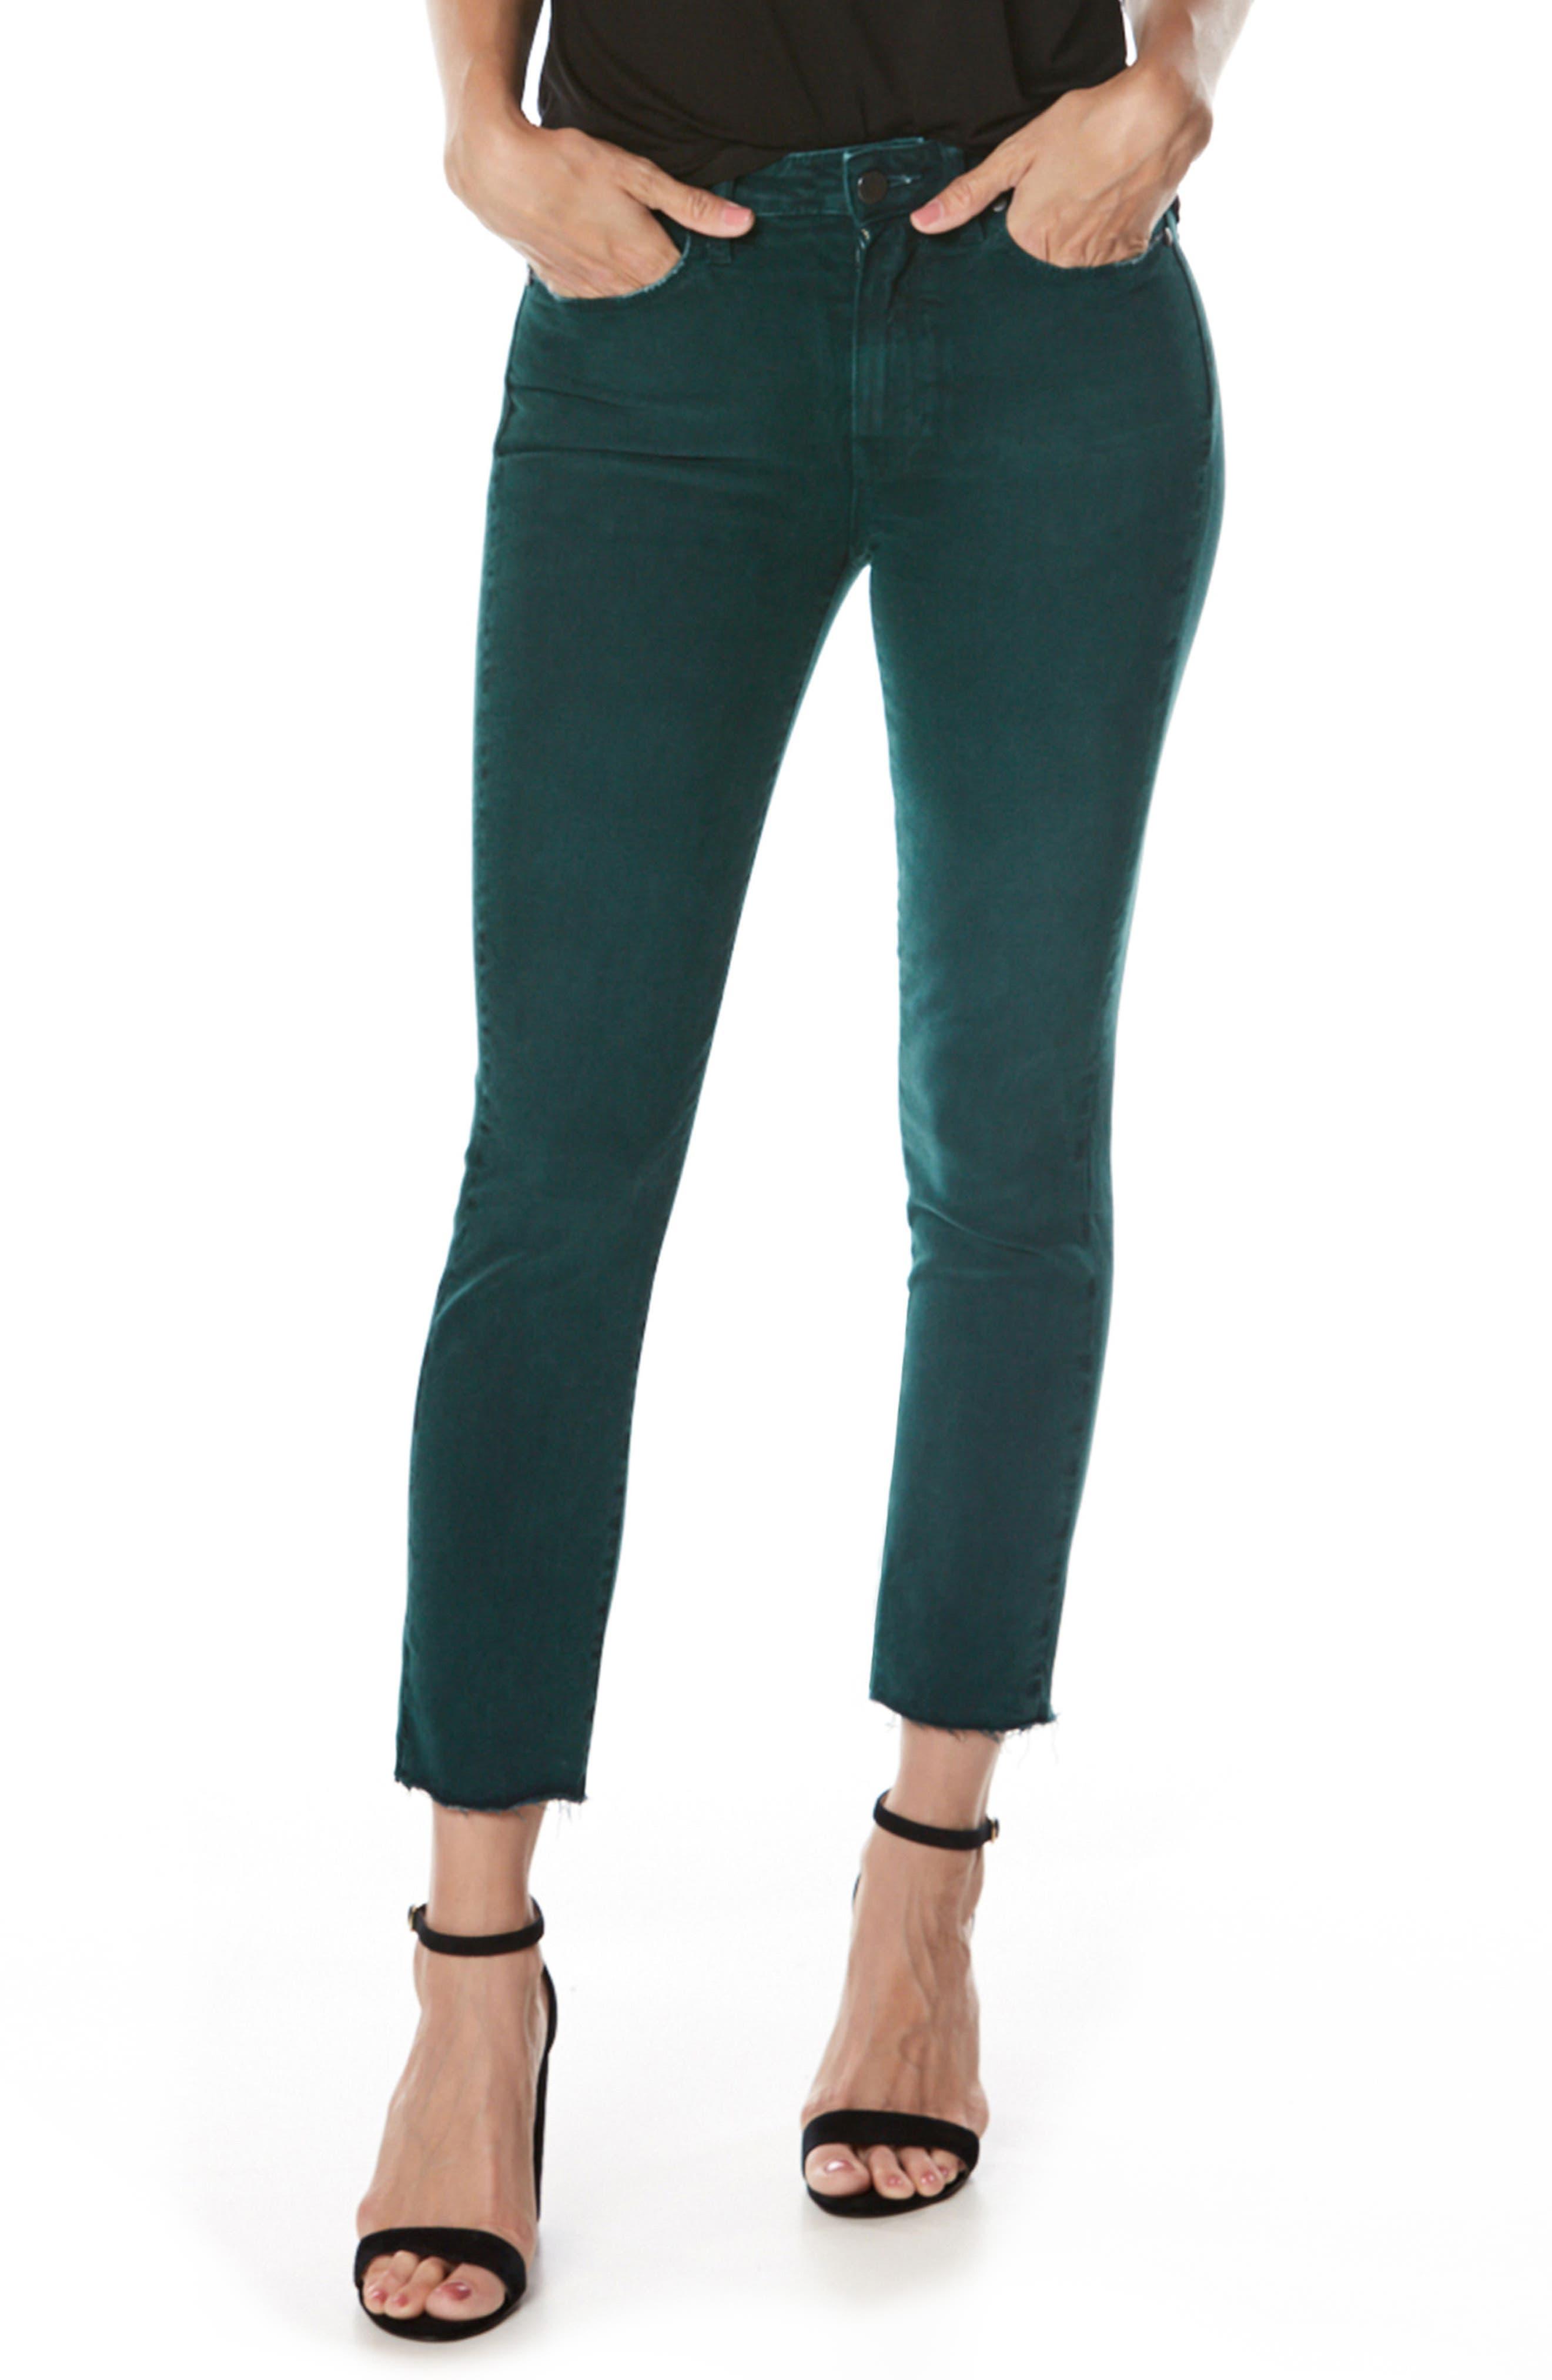 Jacqueline High Waist Crop Straight Leg Jeans,                             Main thumbnail 1, color,                             499